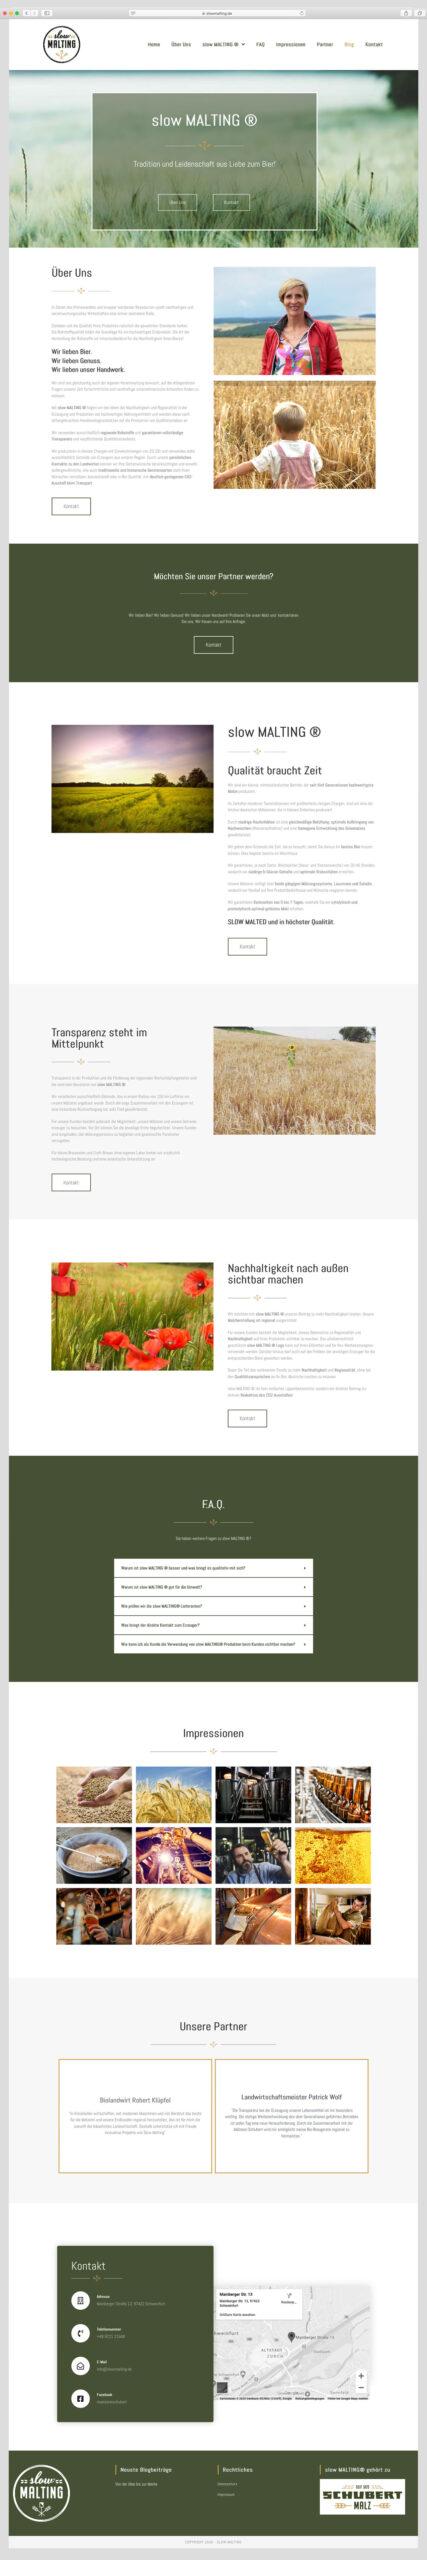 Musterwebsite -Mälzerei Günther Schubert GmbH & Co KG, Madeleine Möhlmann Grafik- und Webdesign aus Hamburg